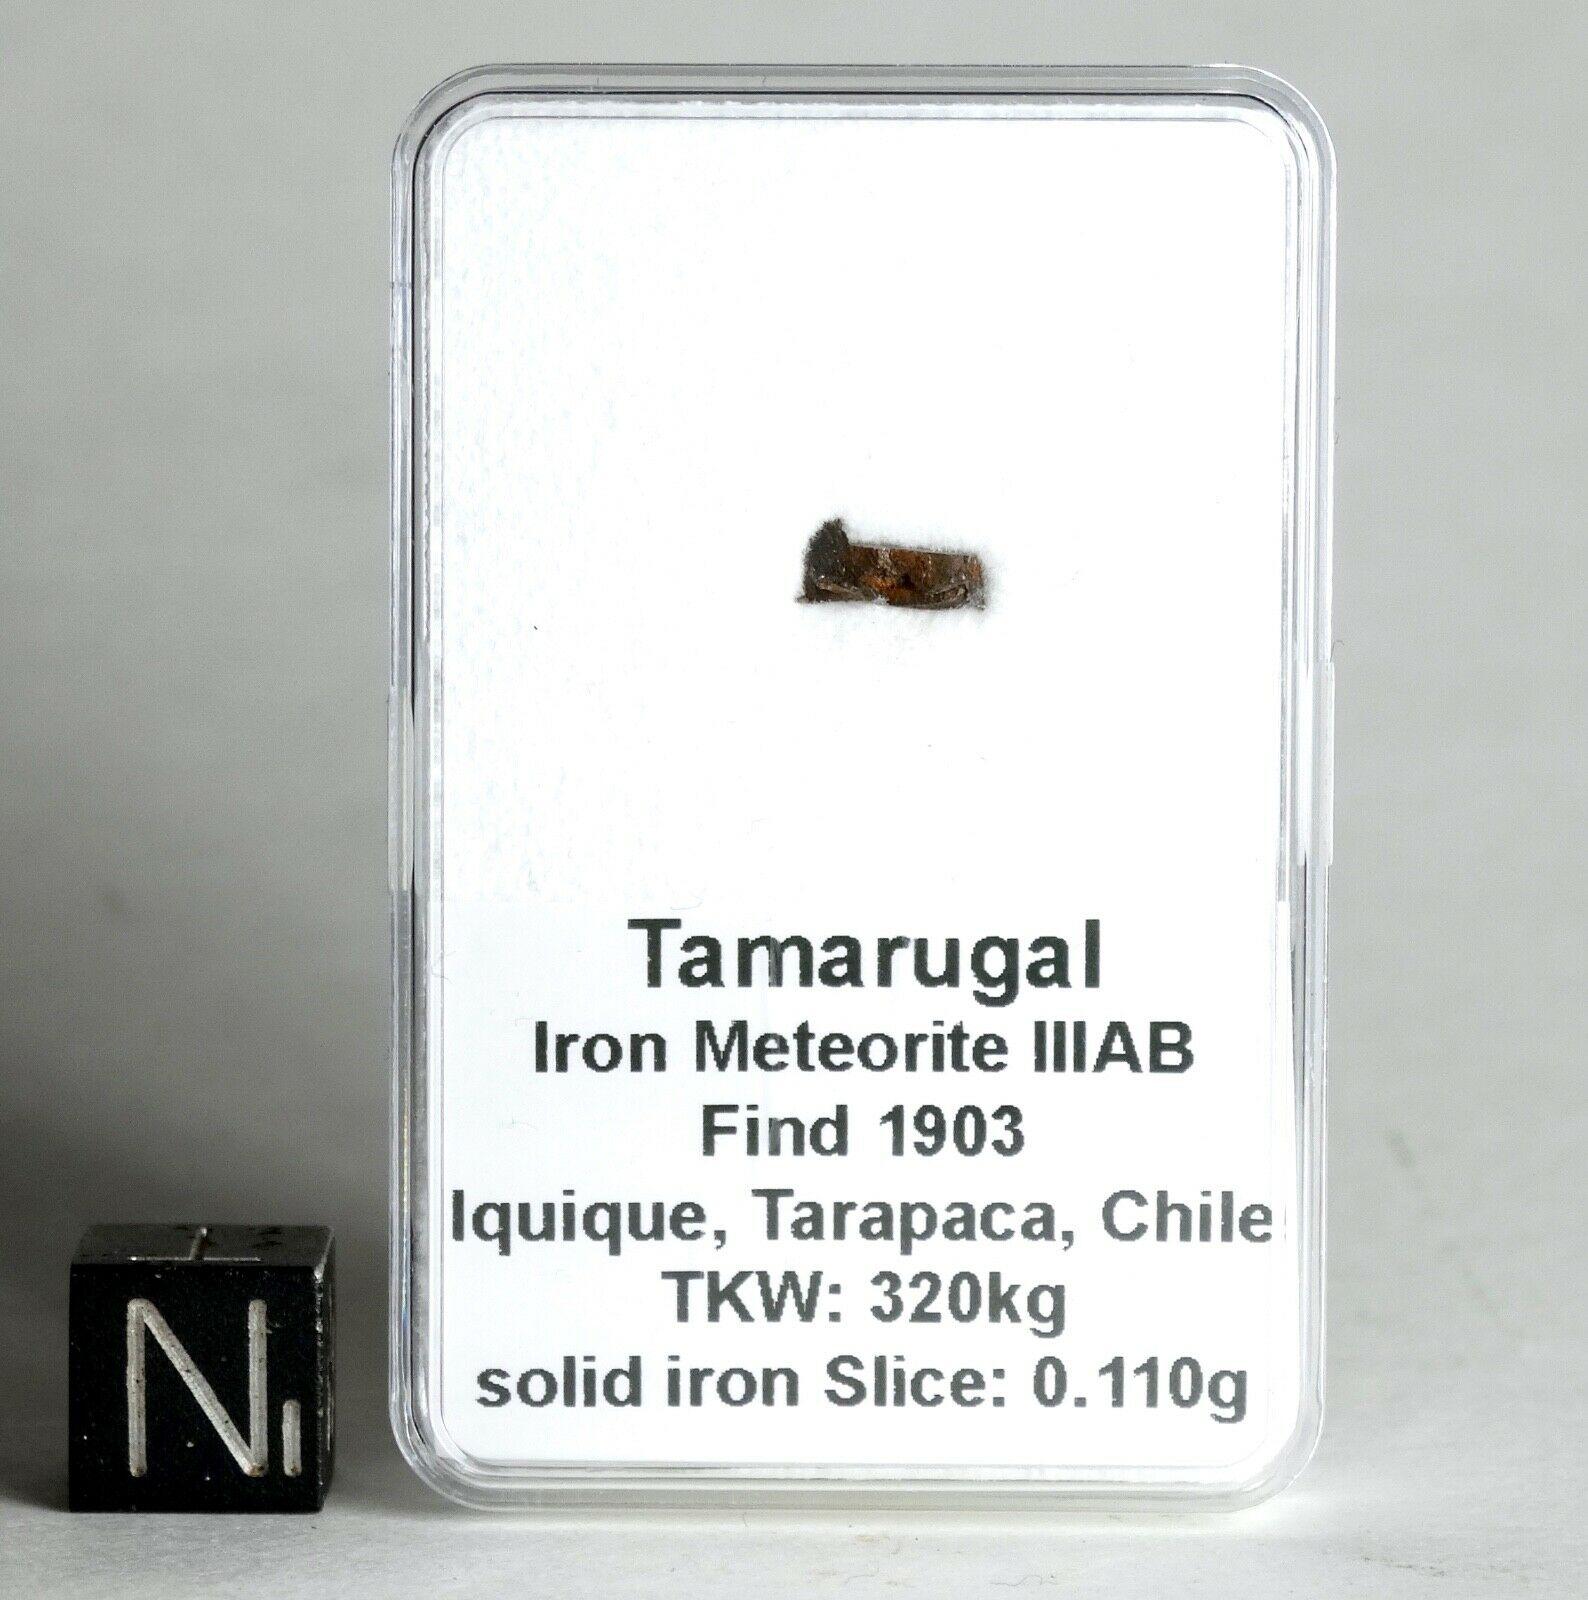 Tamarugal